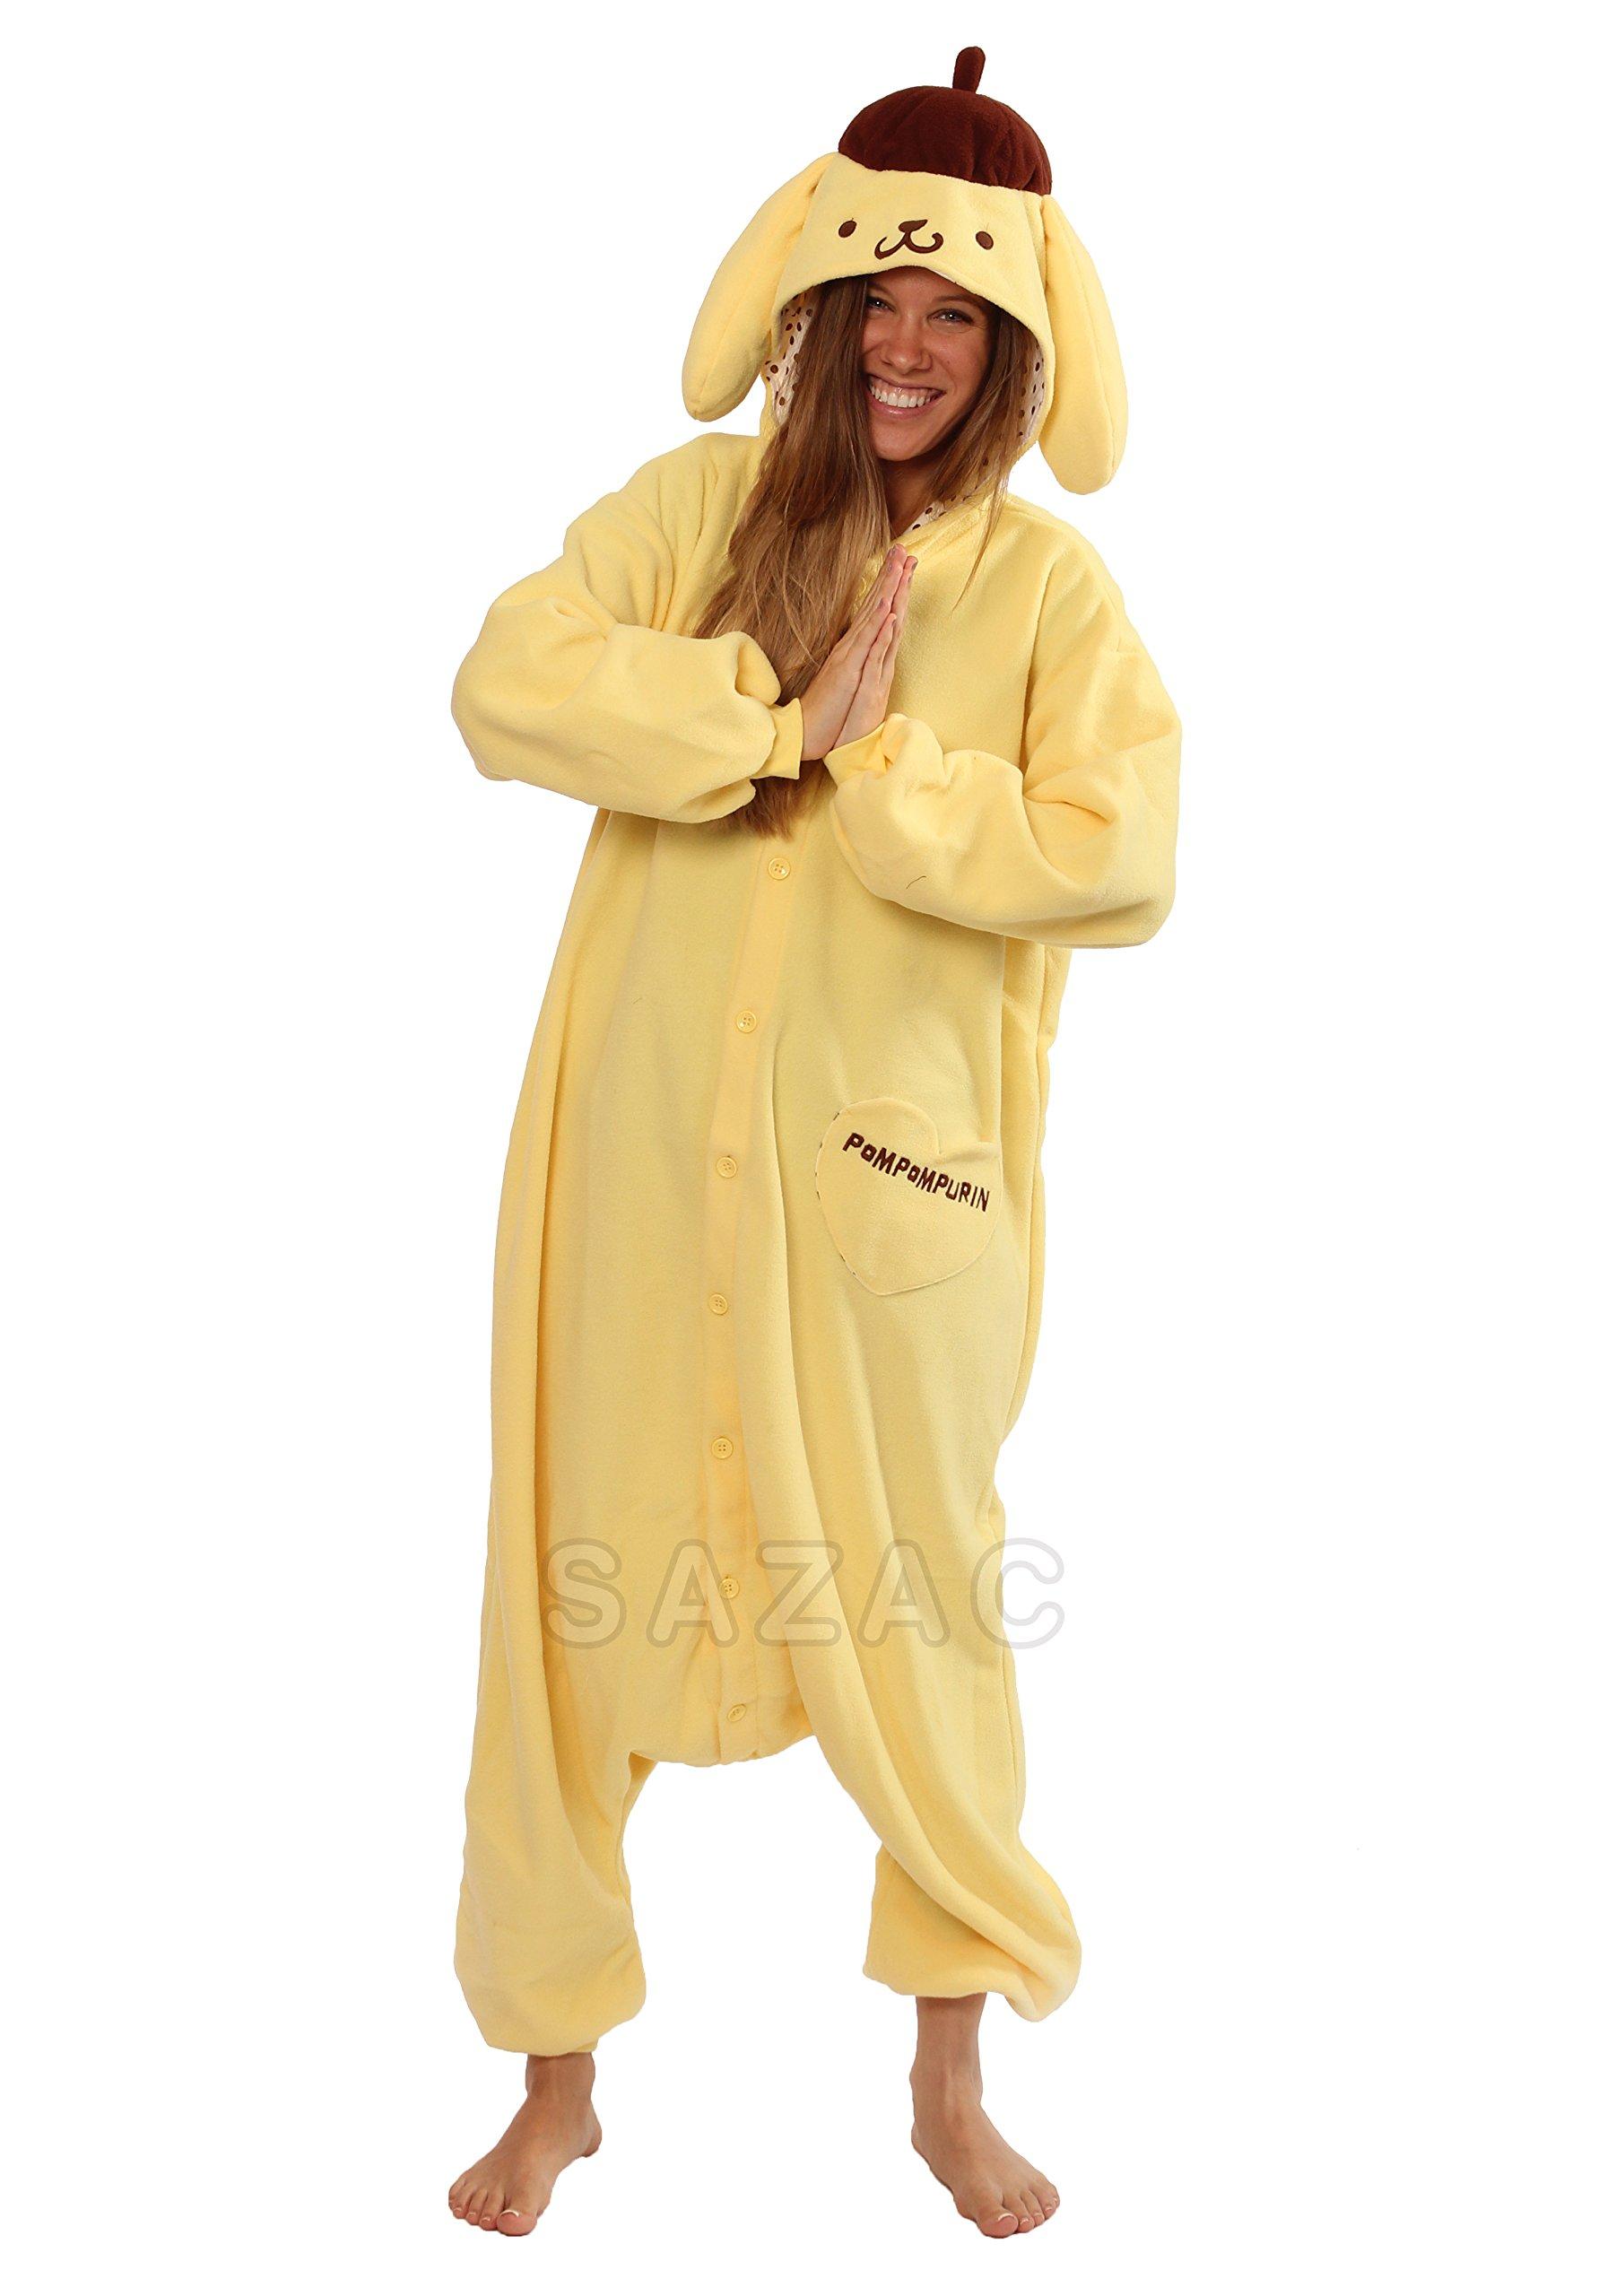 Pom Pom Purin Kigurumi - Adult Costume